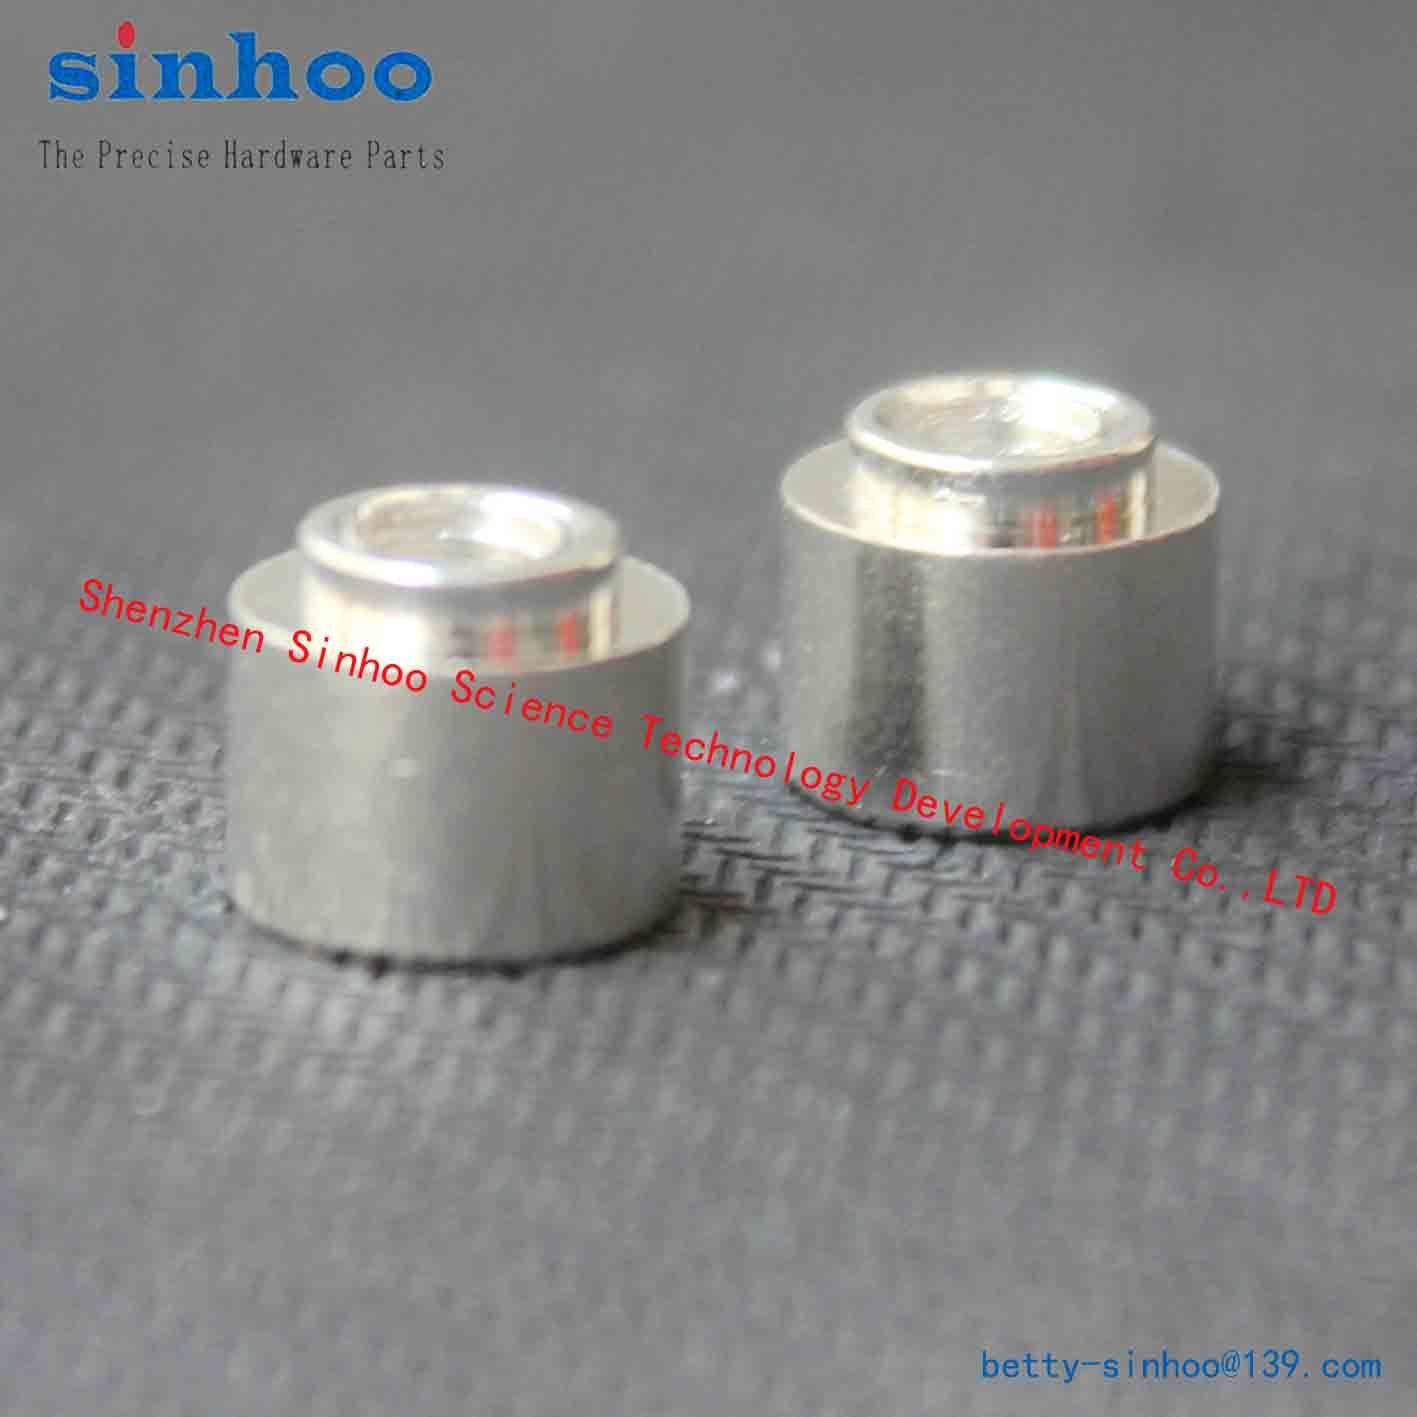 Smtso-M4-6et Standoff Weld Nut Solder Nut